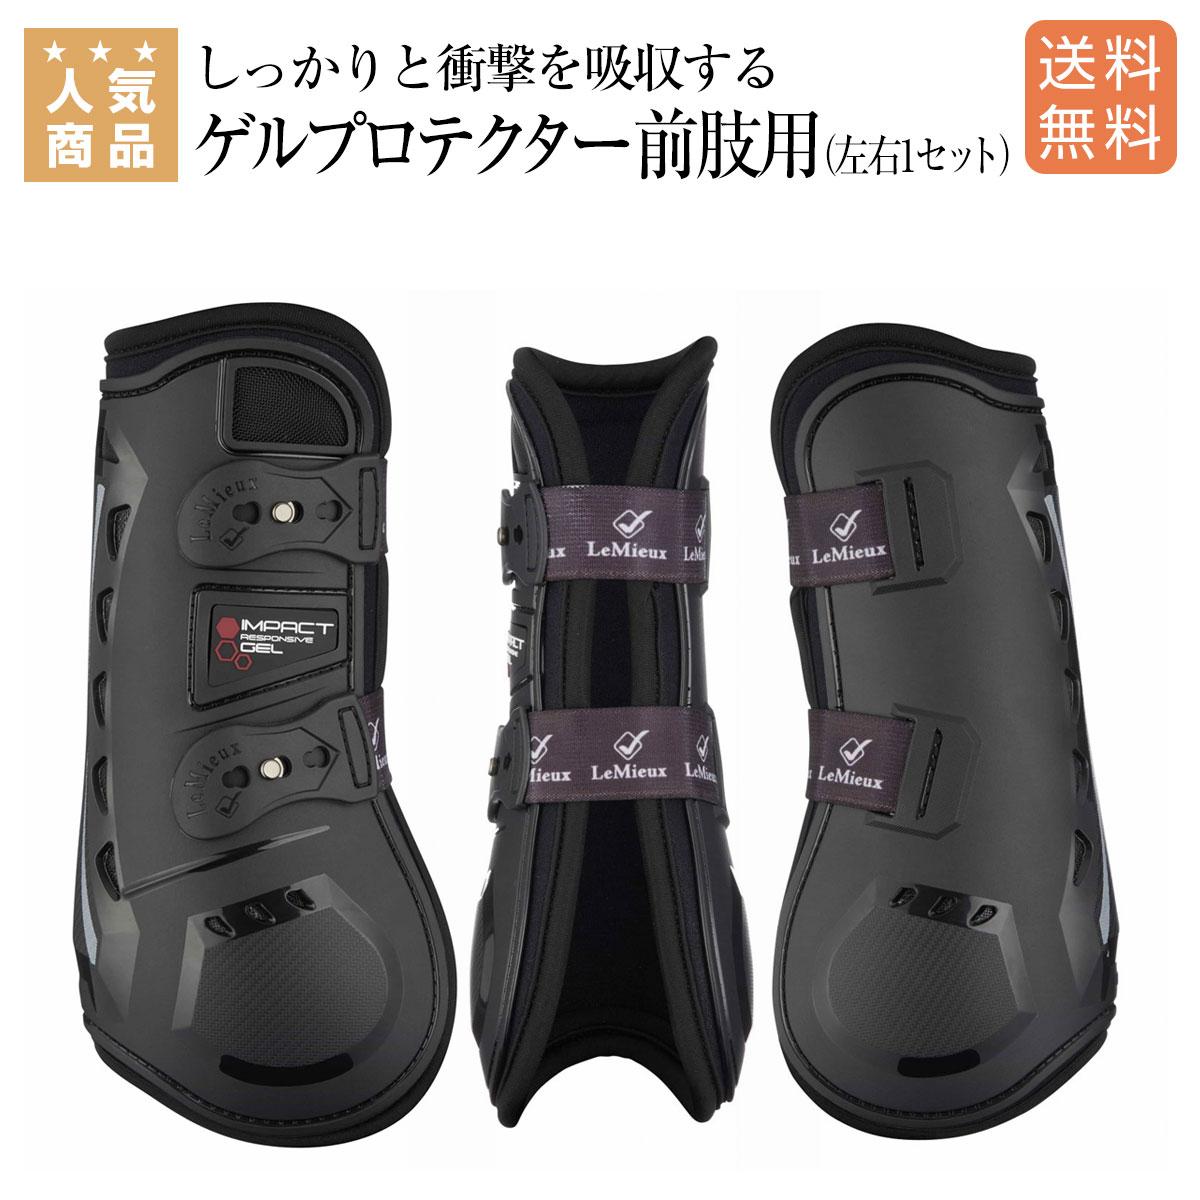 【月間優良ショップ】乗馬 プロテクター 肢巻 送料無料 LeMieux インパクト リスポンシブル ゲル プロテクター 前肢用(左右1セット) 乗馬用品 馬具